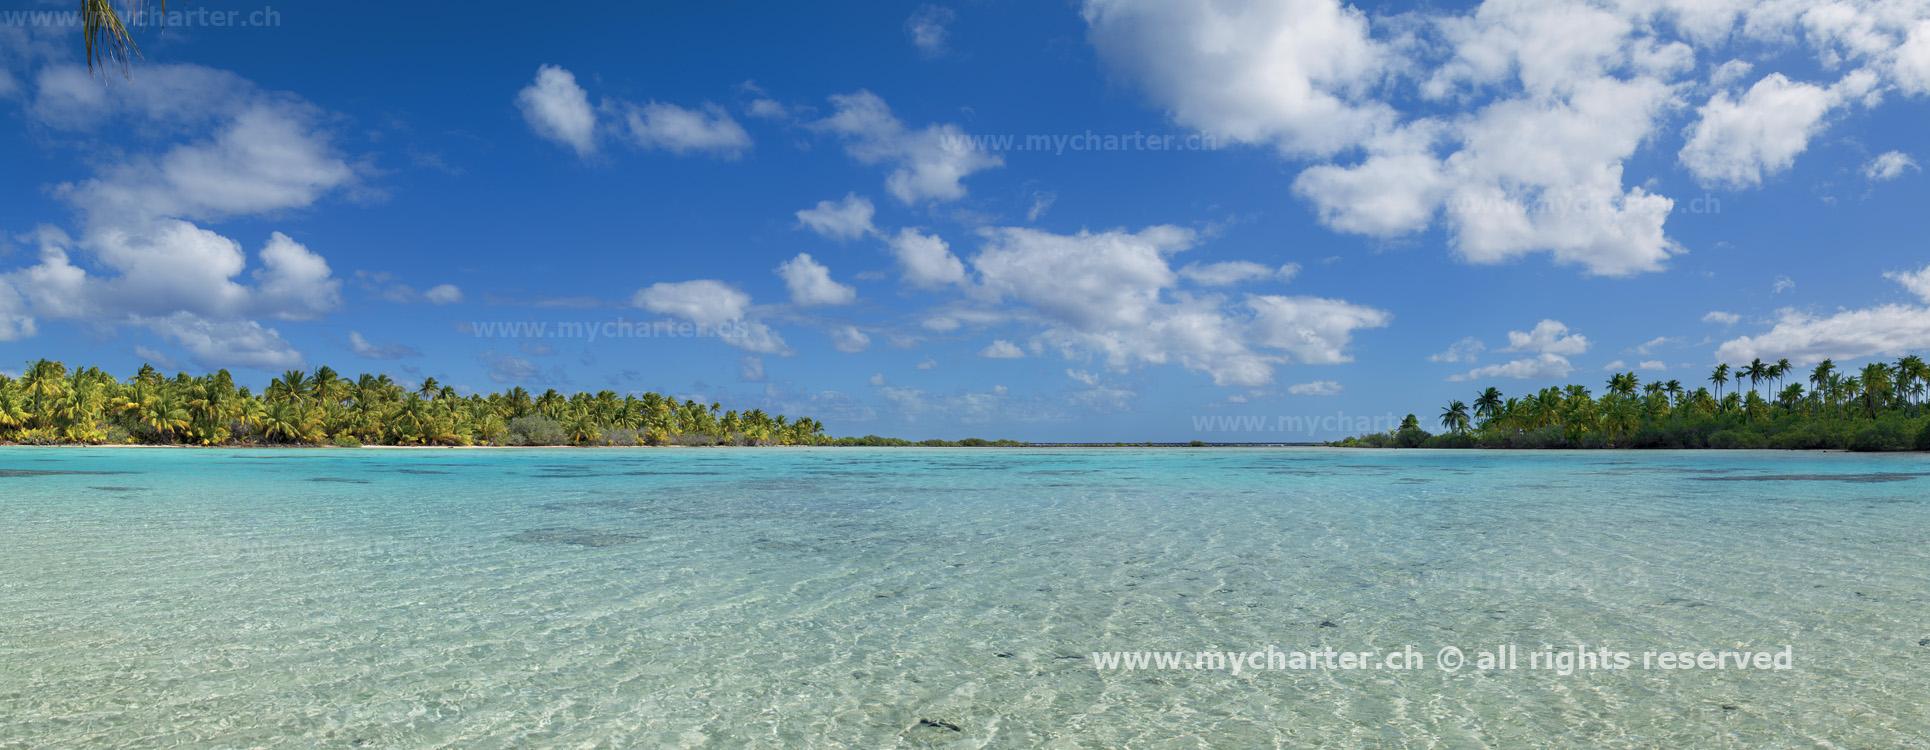 Tahiti Insel Fakarawa